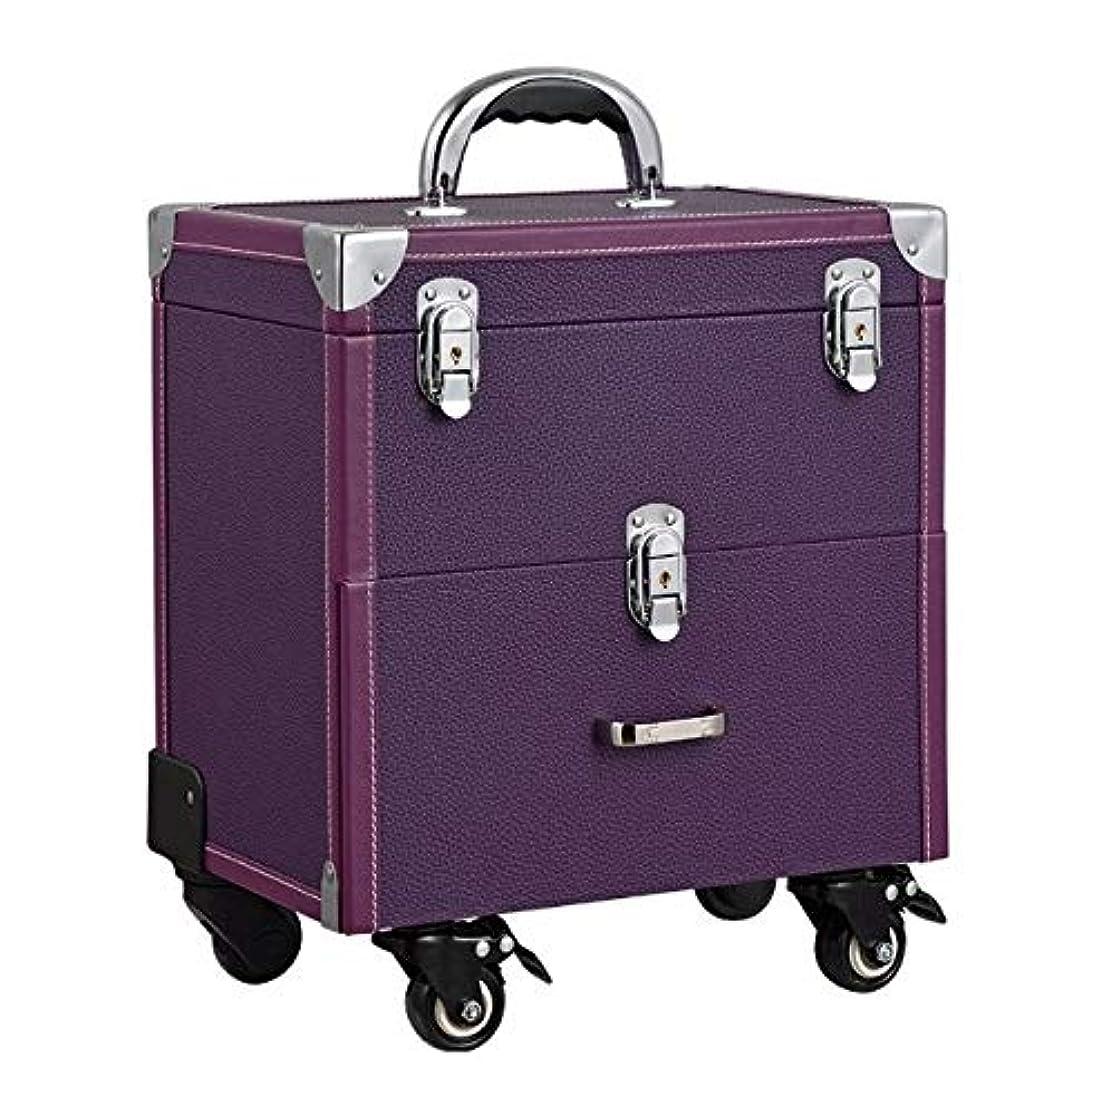 憲法色合い農奴化粧箱、大容量ダブルポール化粧品ケース、ポータブル旅行化粧品袋収納袋、美容化粧ネイルジュエリー収納ボックス (Color : Purple)